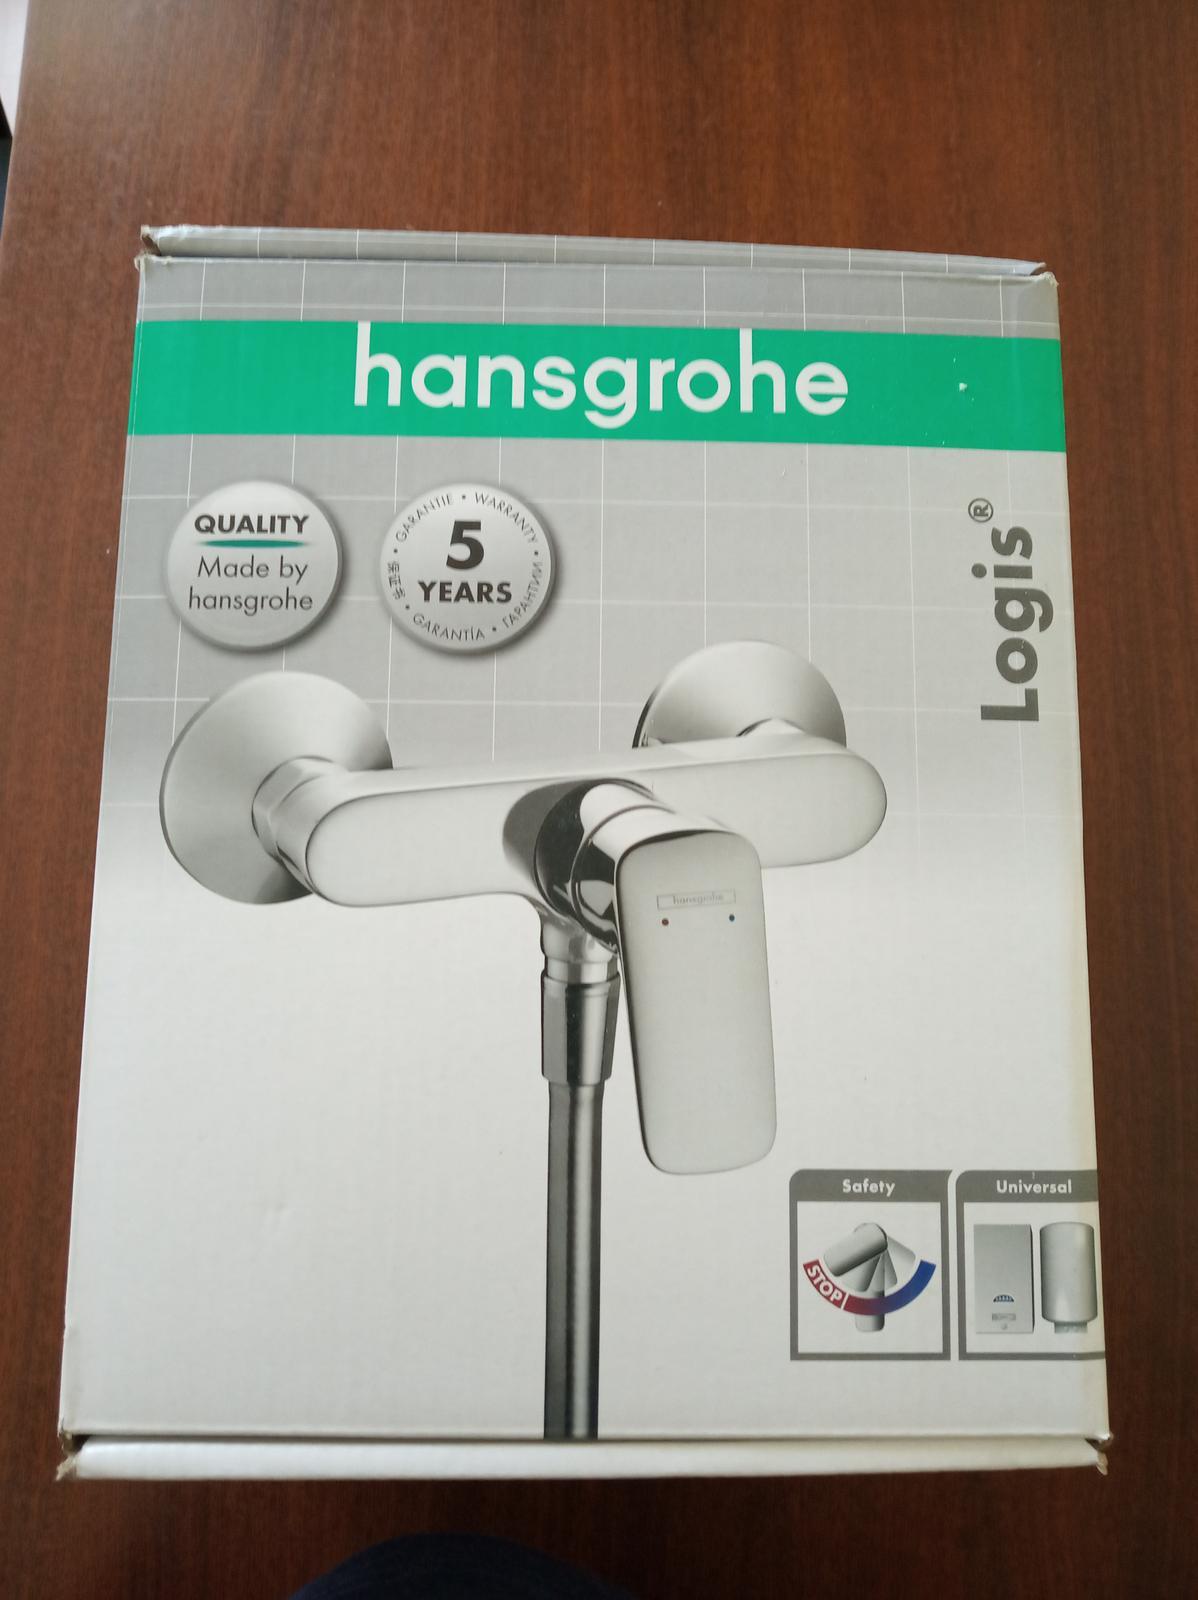 predam nepouzitu sprchovaciu bateriu Hansgrohe - Obrázok č. 1